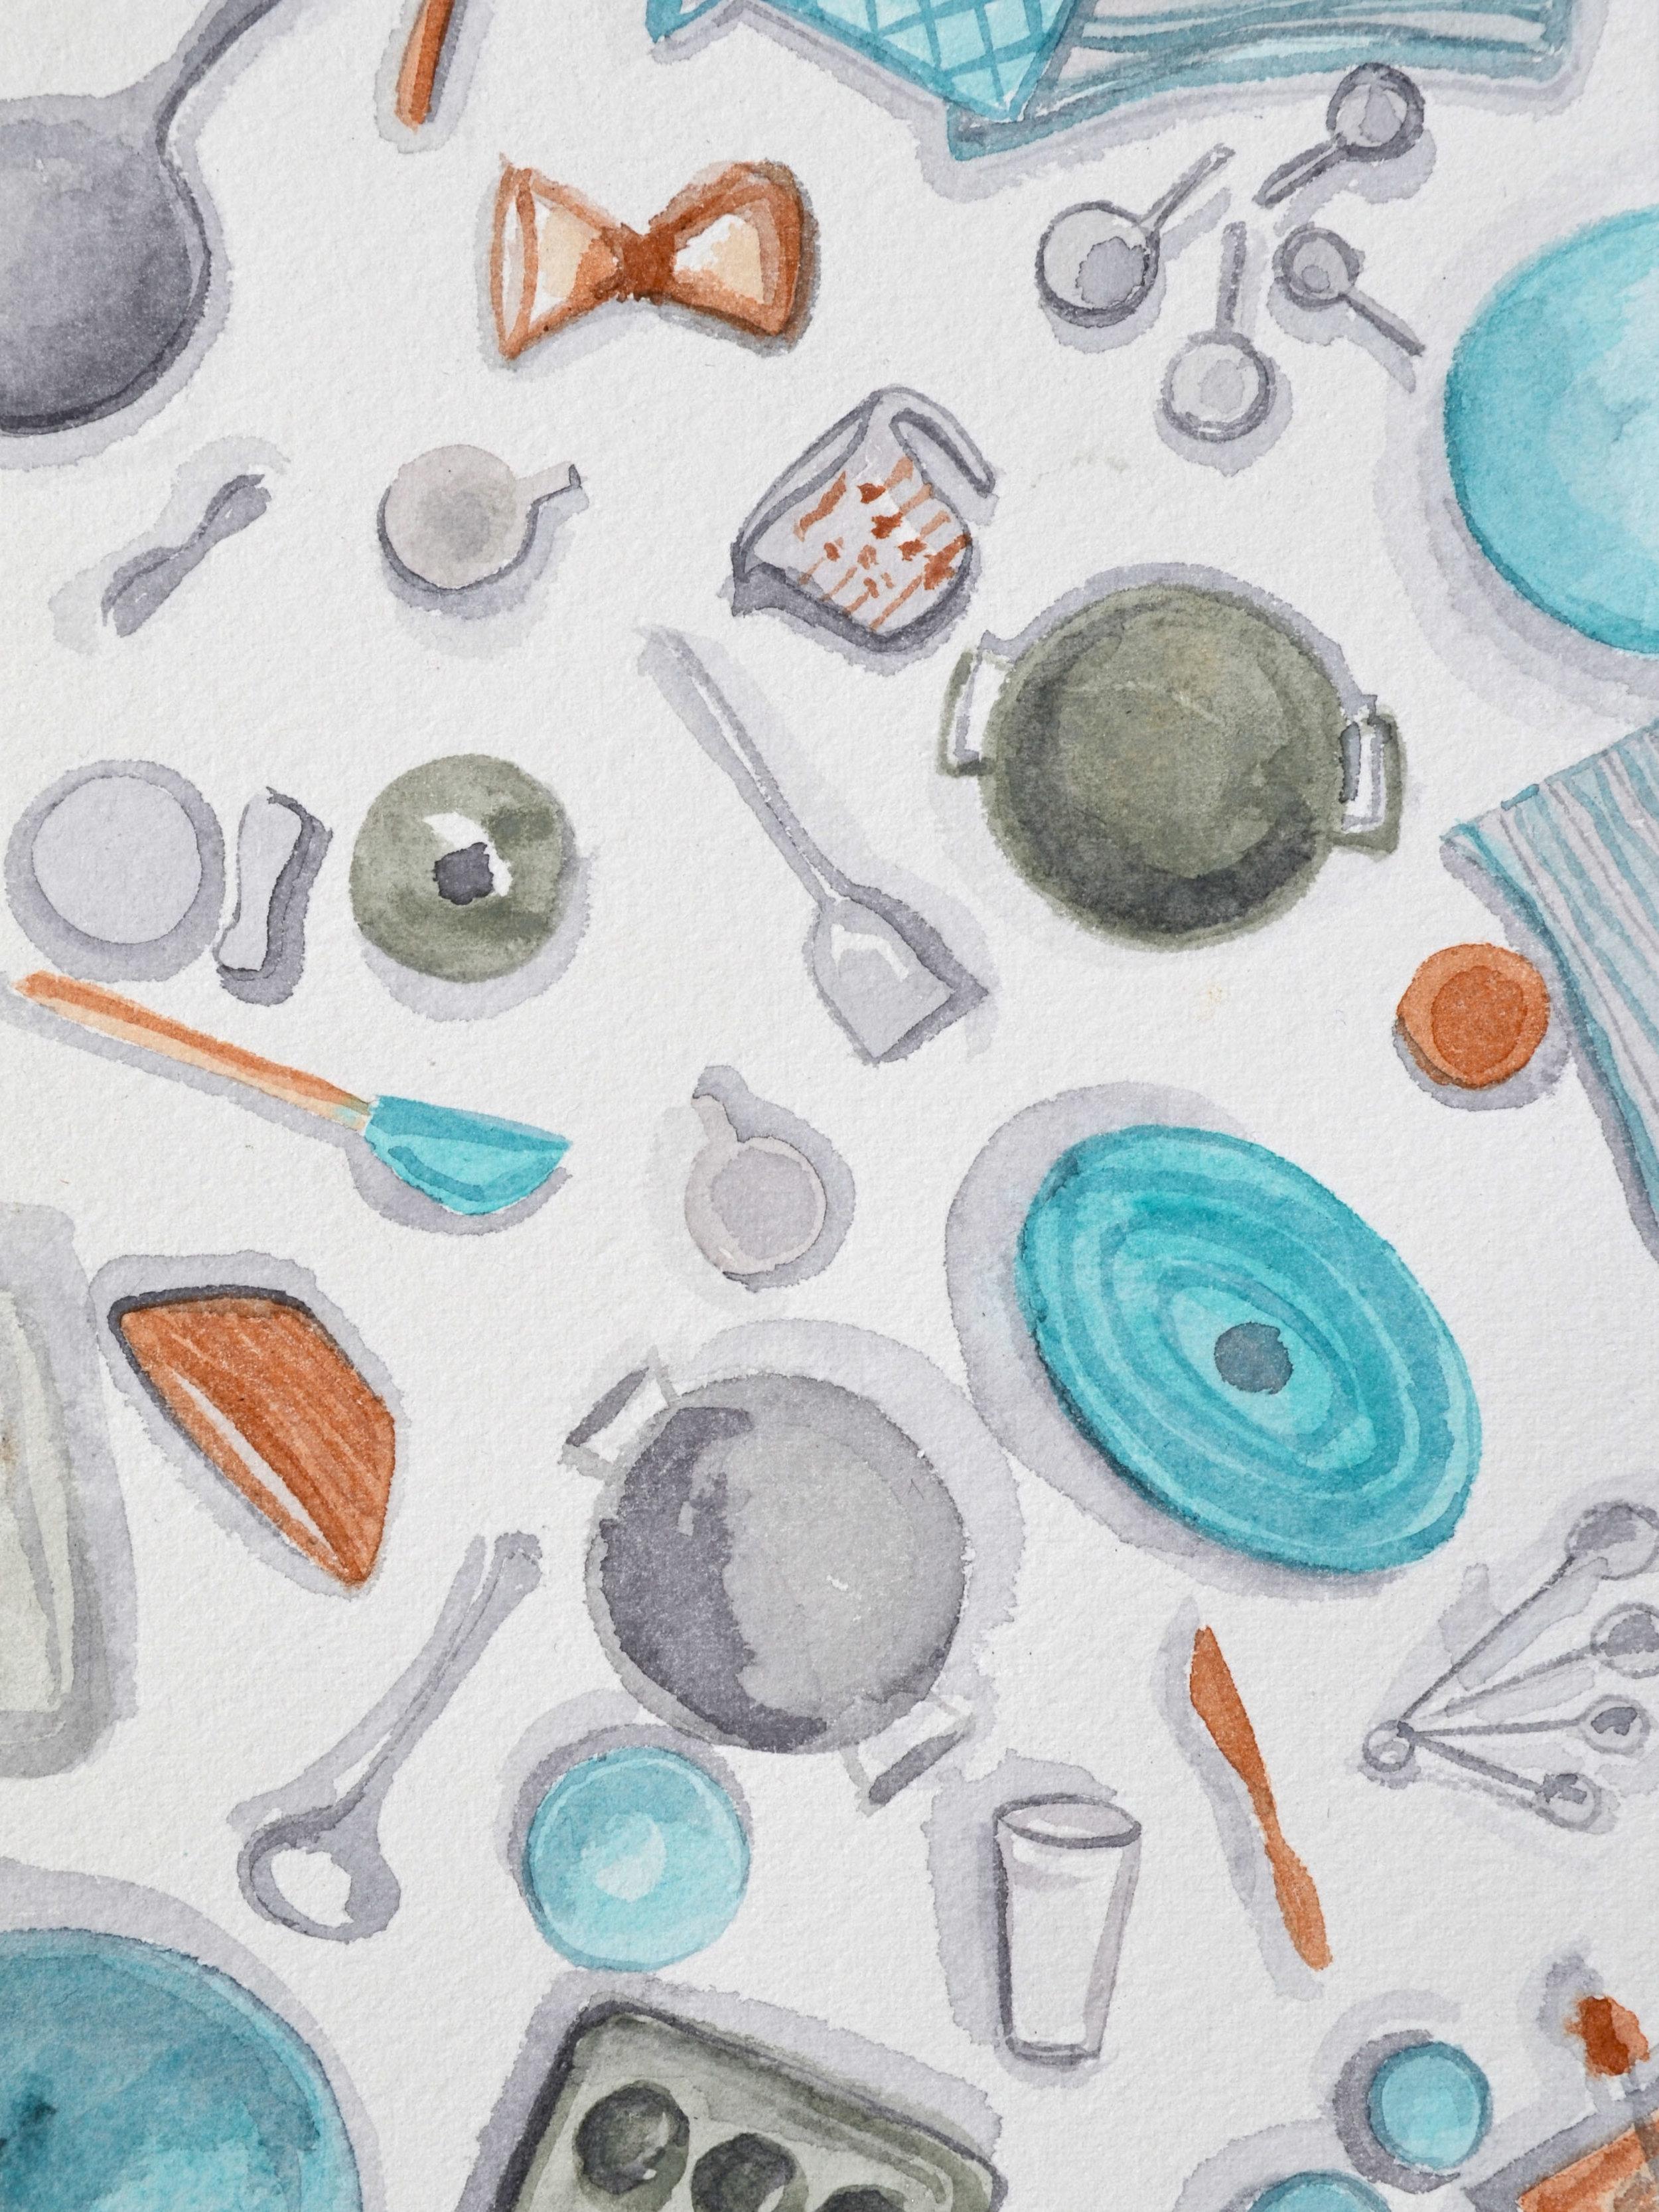 Kitchen-Utensils-April-iPad 1024x768